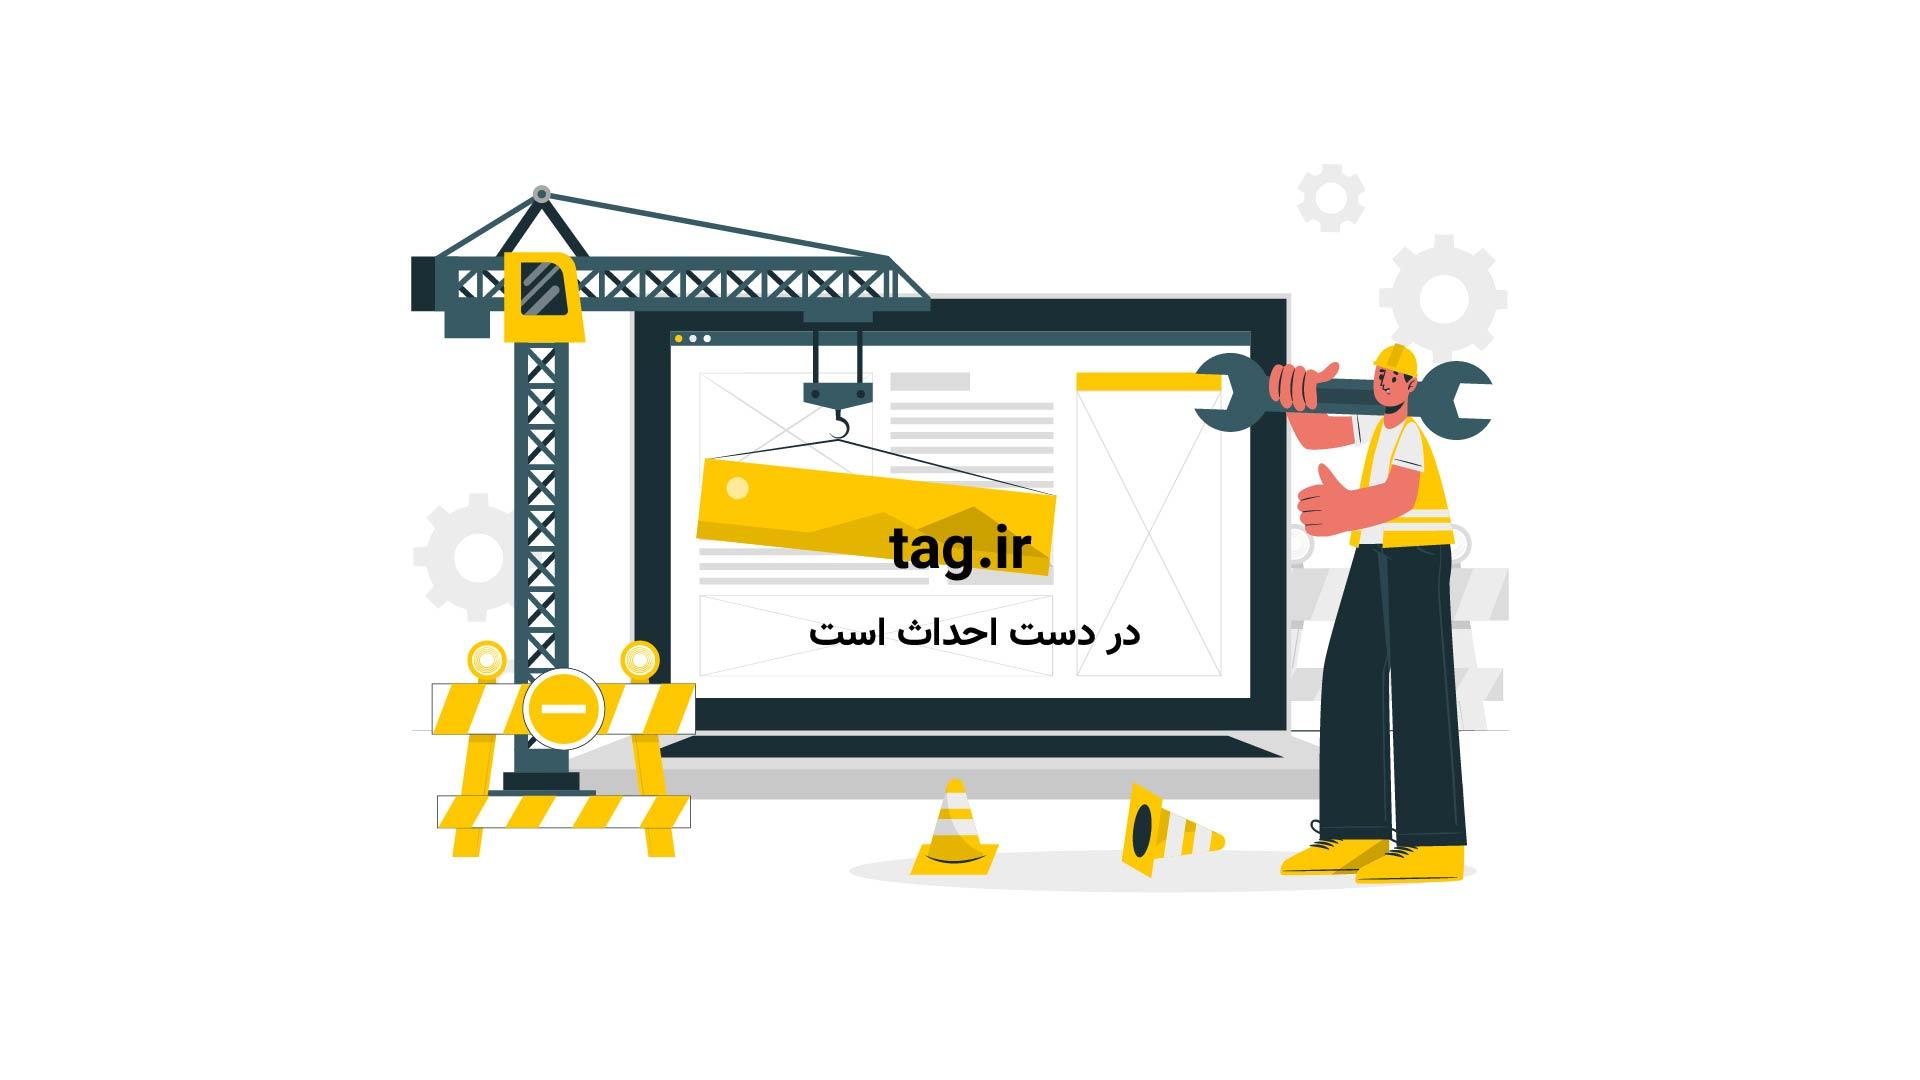 عناوین روزنامههای ورزشی پنجشنبه 25 آذر | فیلم